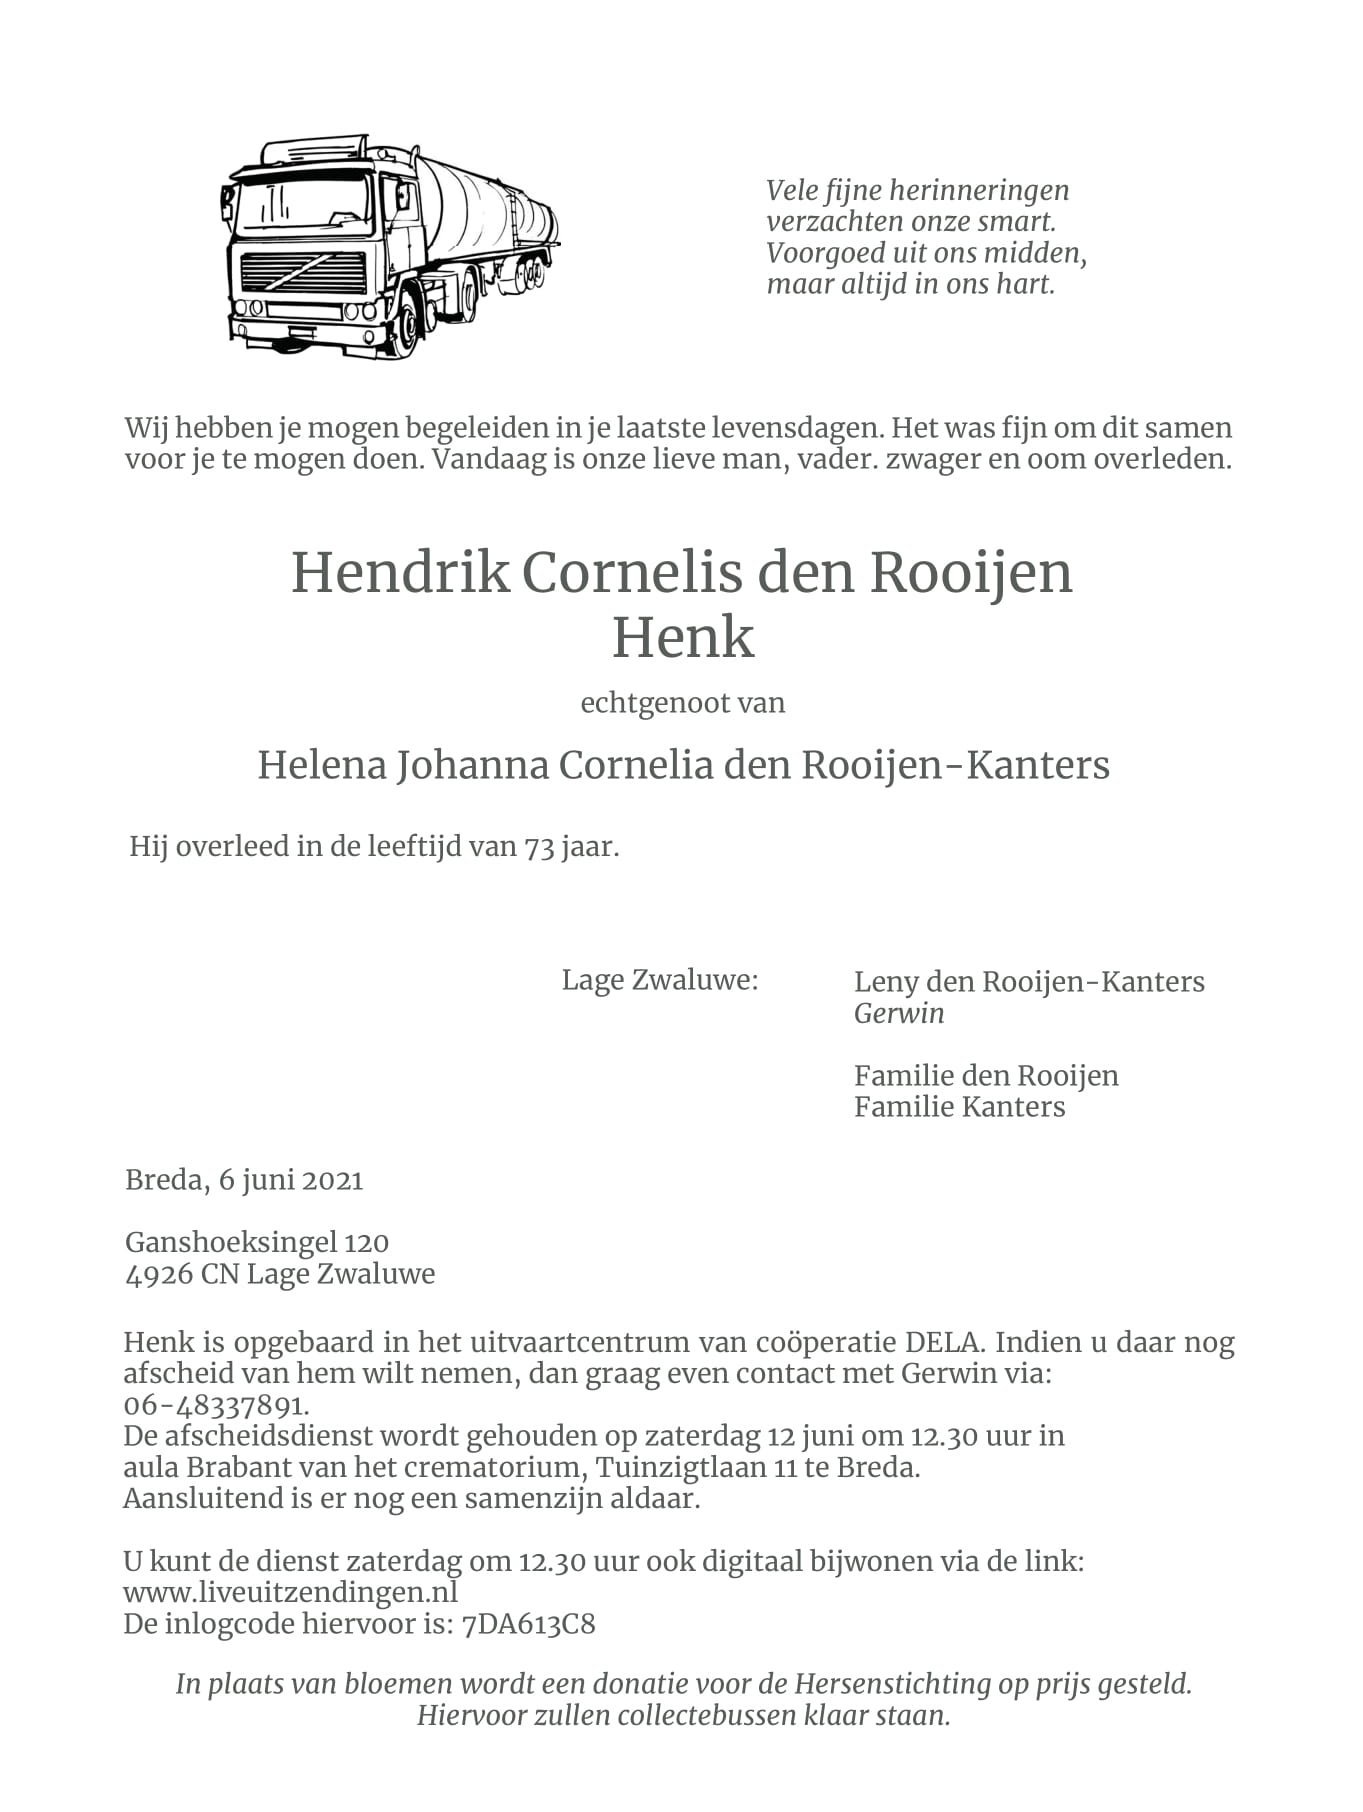 In memoriam Henk den Rooijen